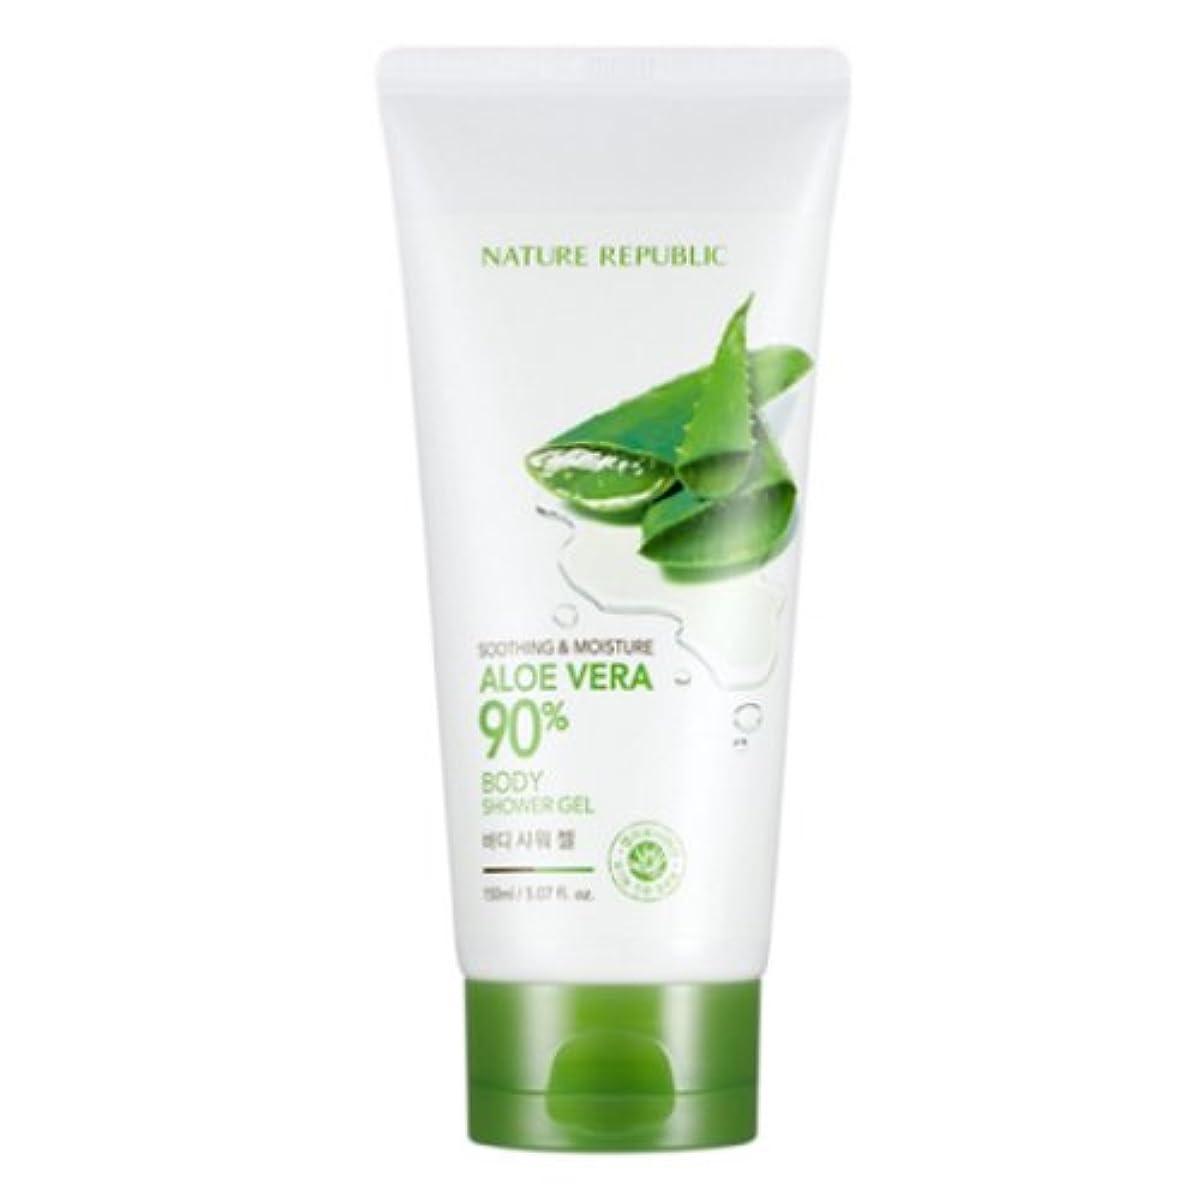 代表する引き渡す[ネイチャーリパブリック] Nature republicスージングアンドモイスチャーアロエベラ90%ボディシャワージェル海外直送品(Soothing And Moisture Aloe Vera90%Body Shower Gel) [並行輸入品]